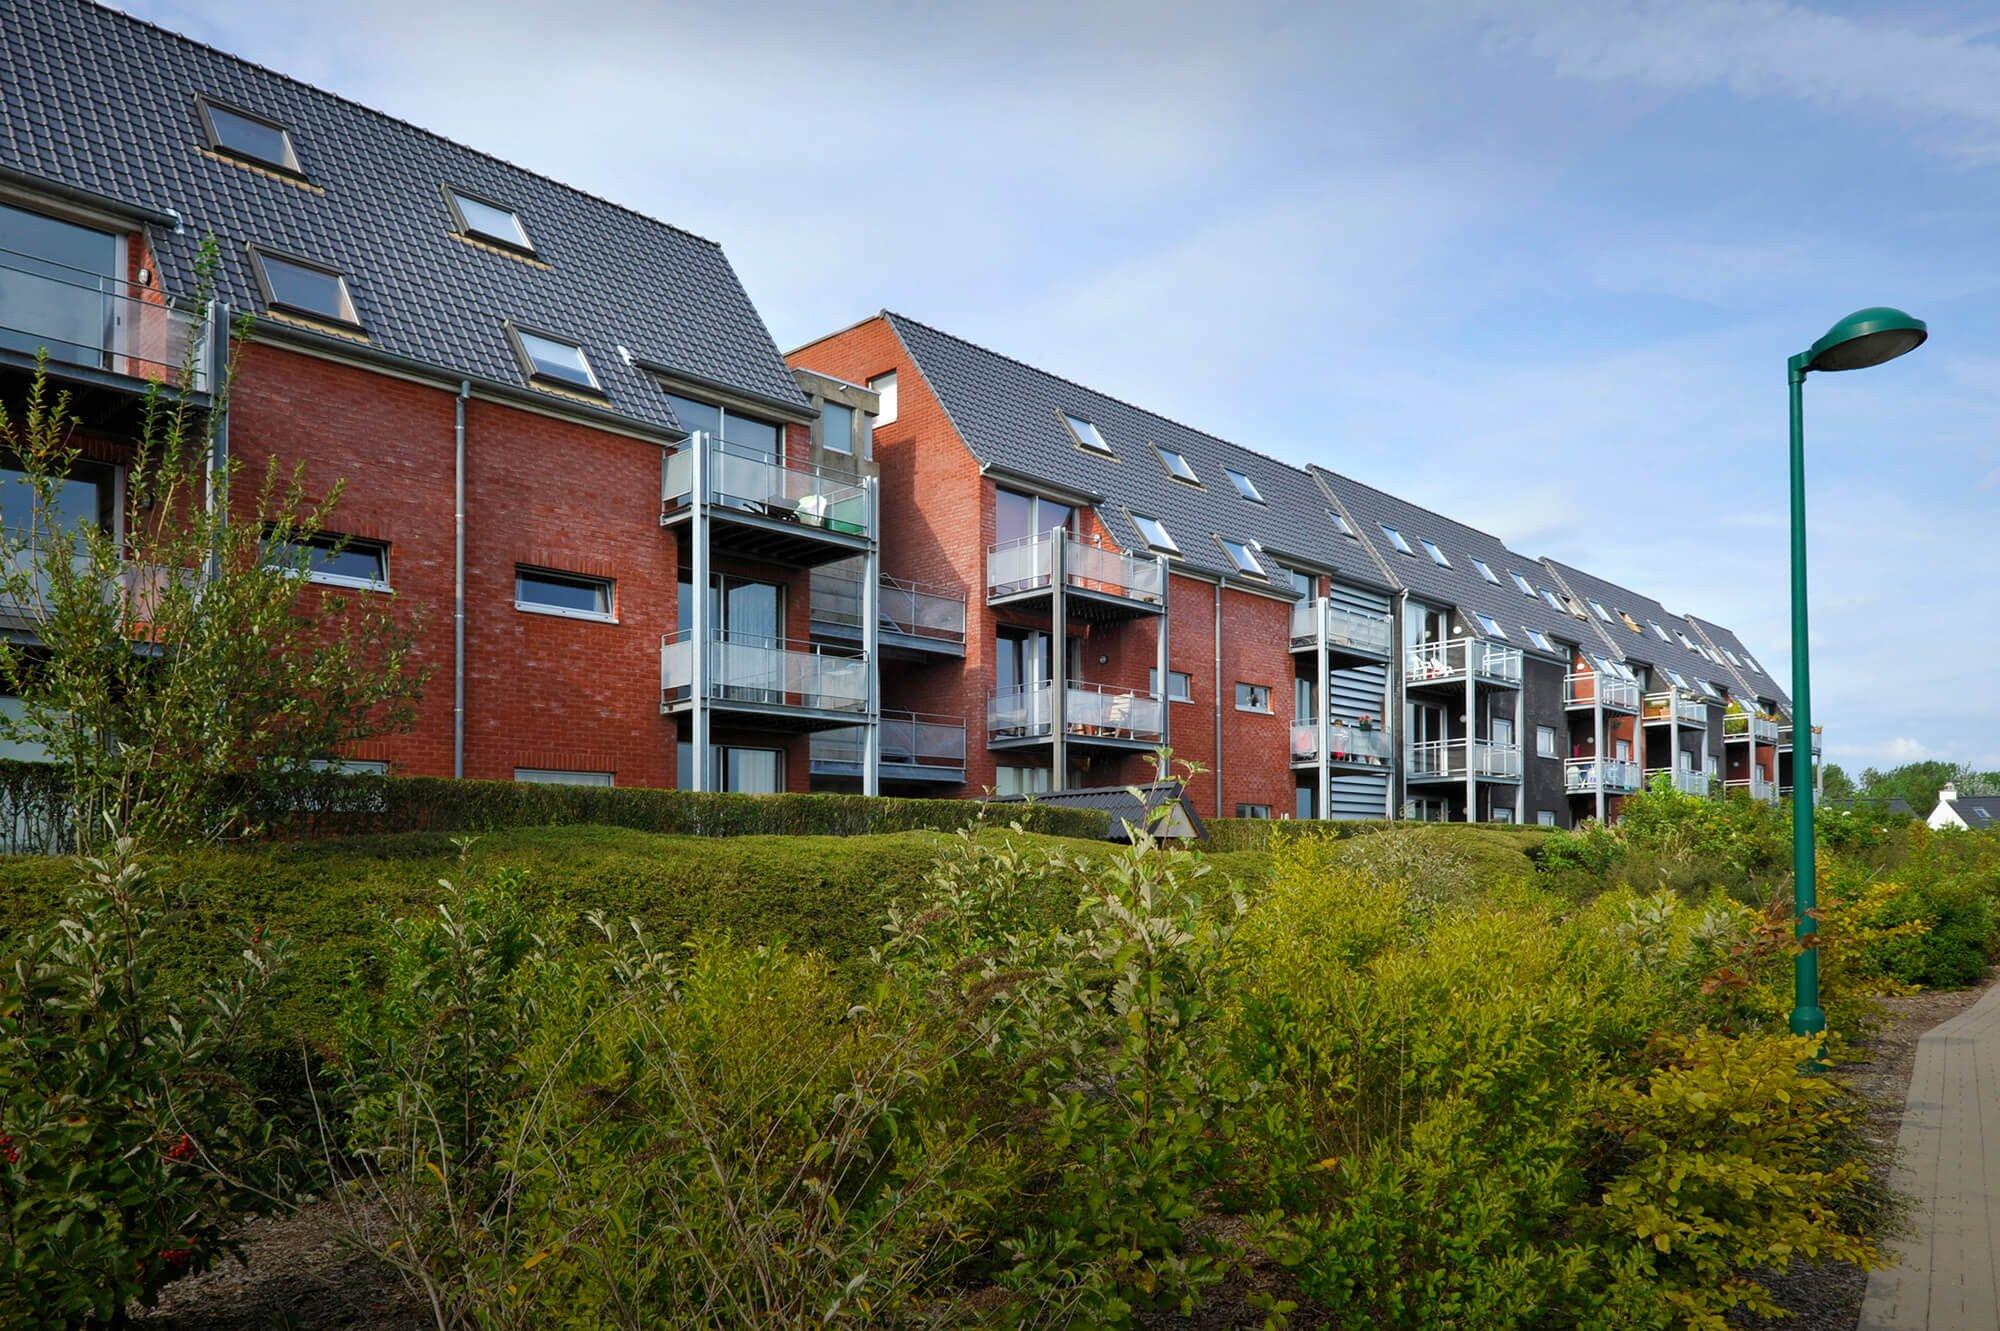 Vakantieappartement-Nieuwpoort-Te-Koop1.jpg